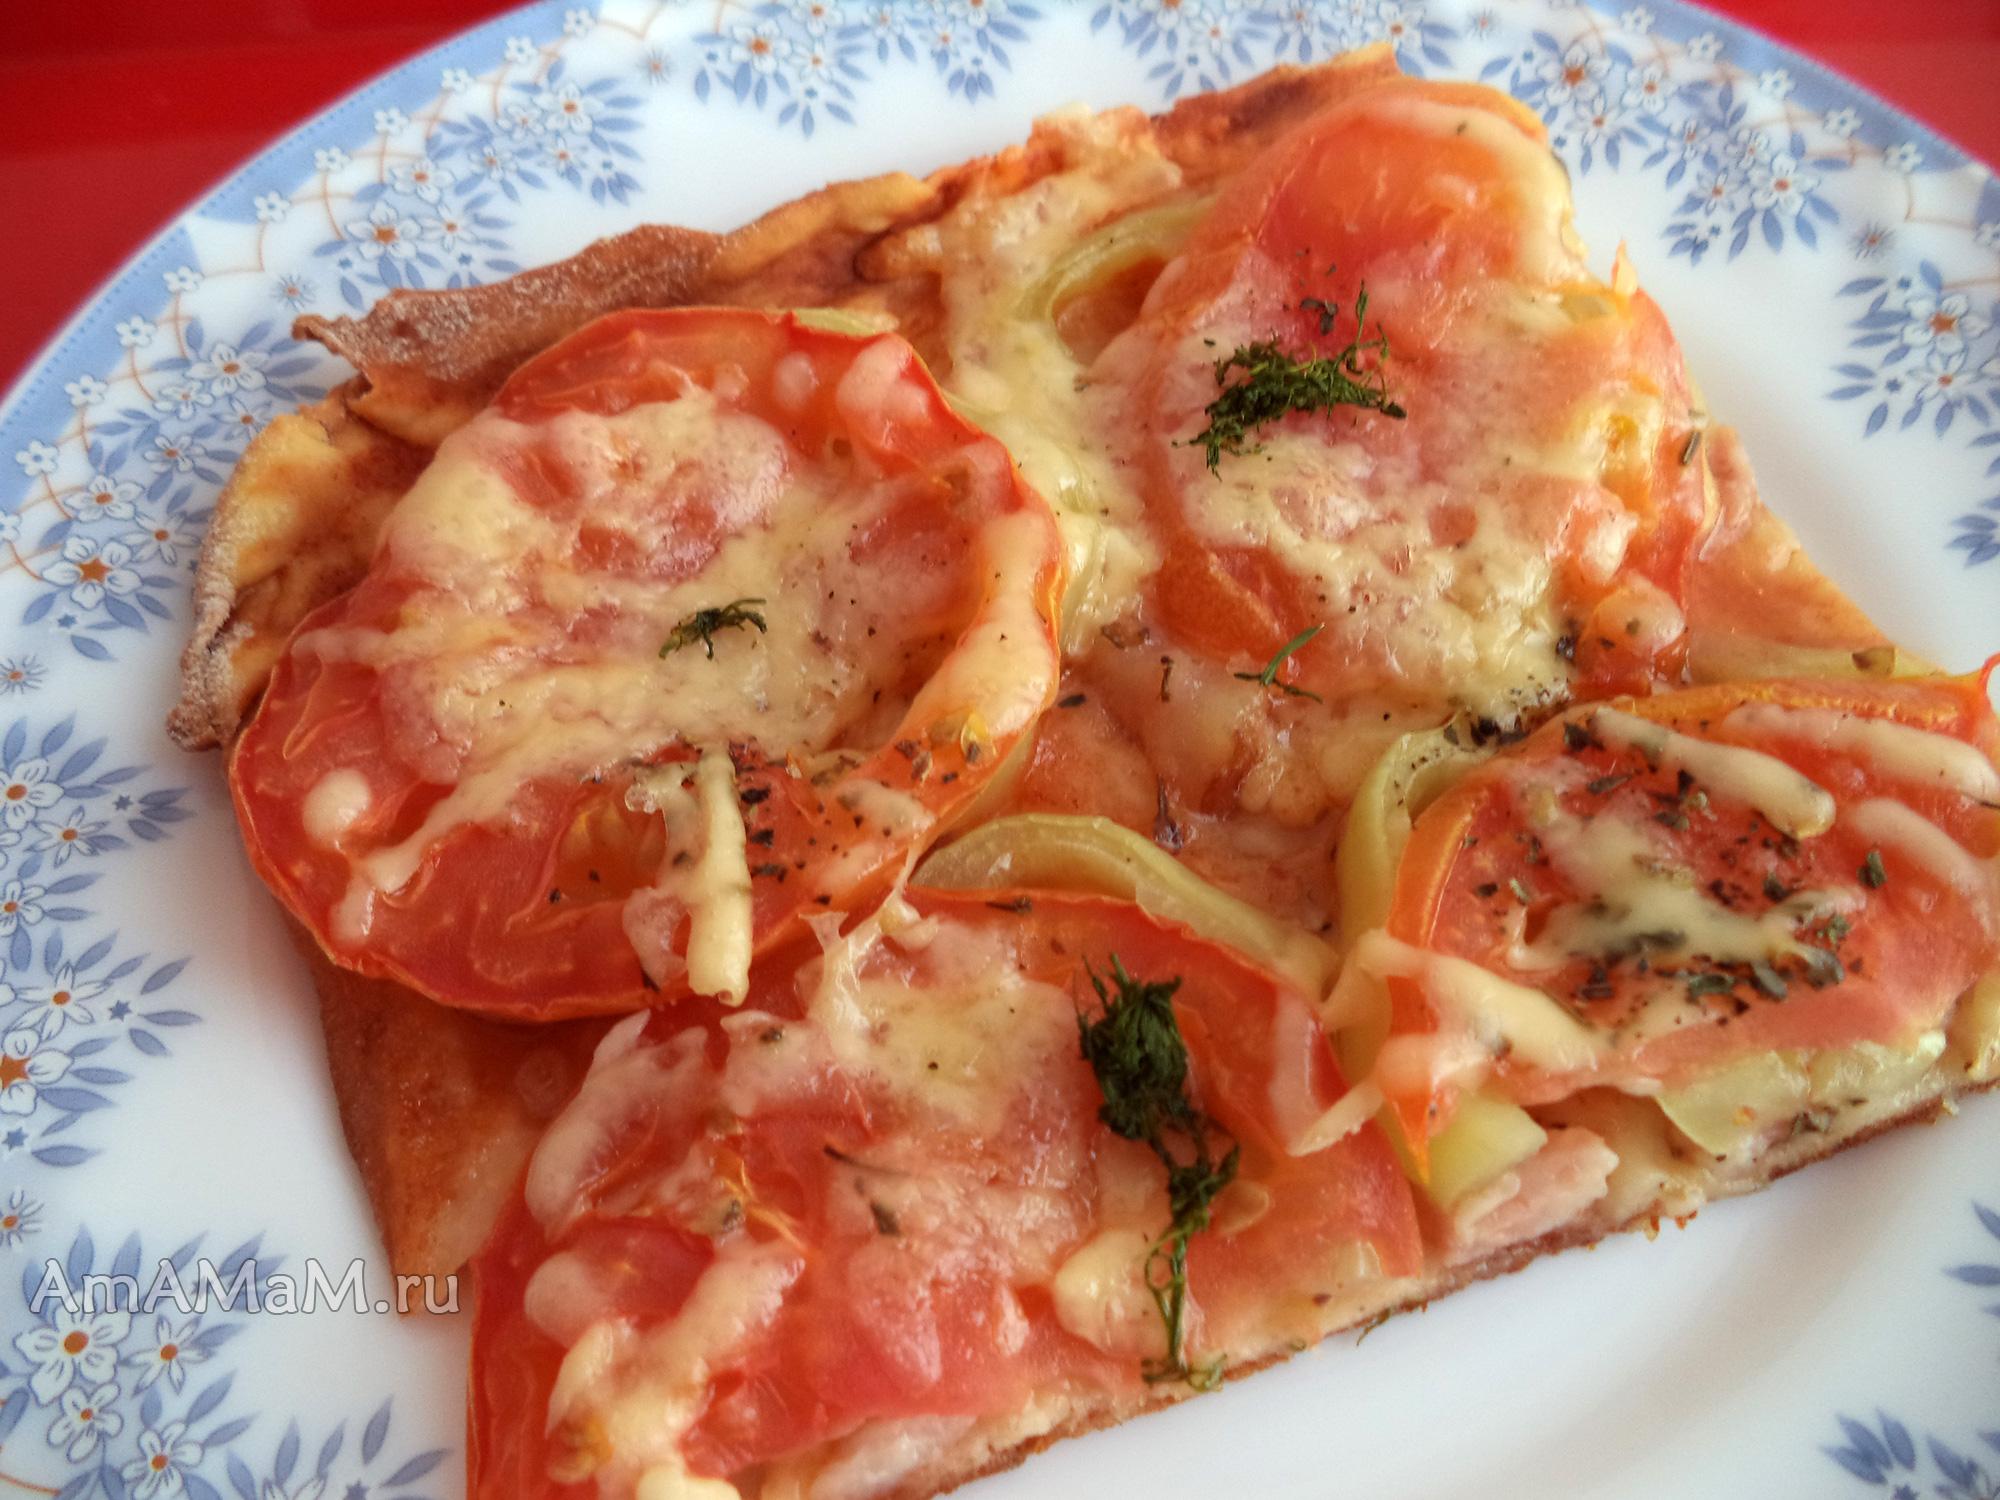 Пицца в духовке с шампиньонами рецепт пошагово